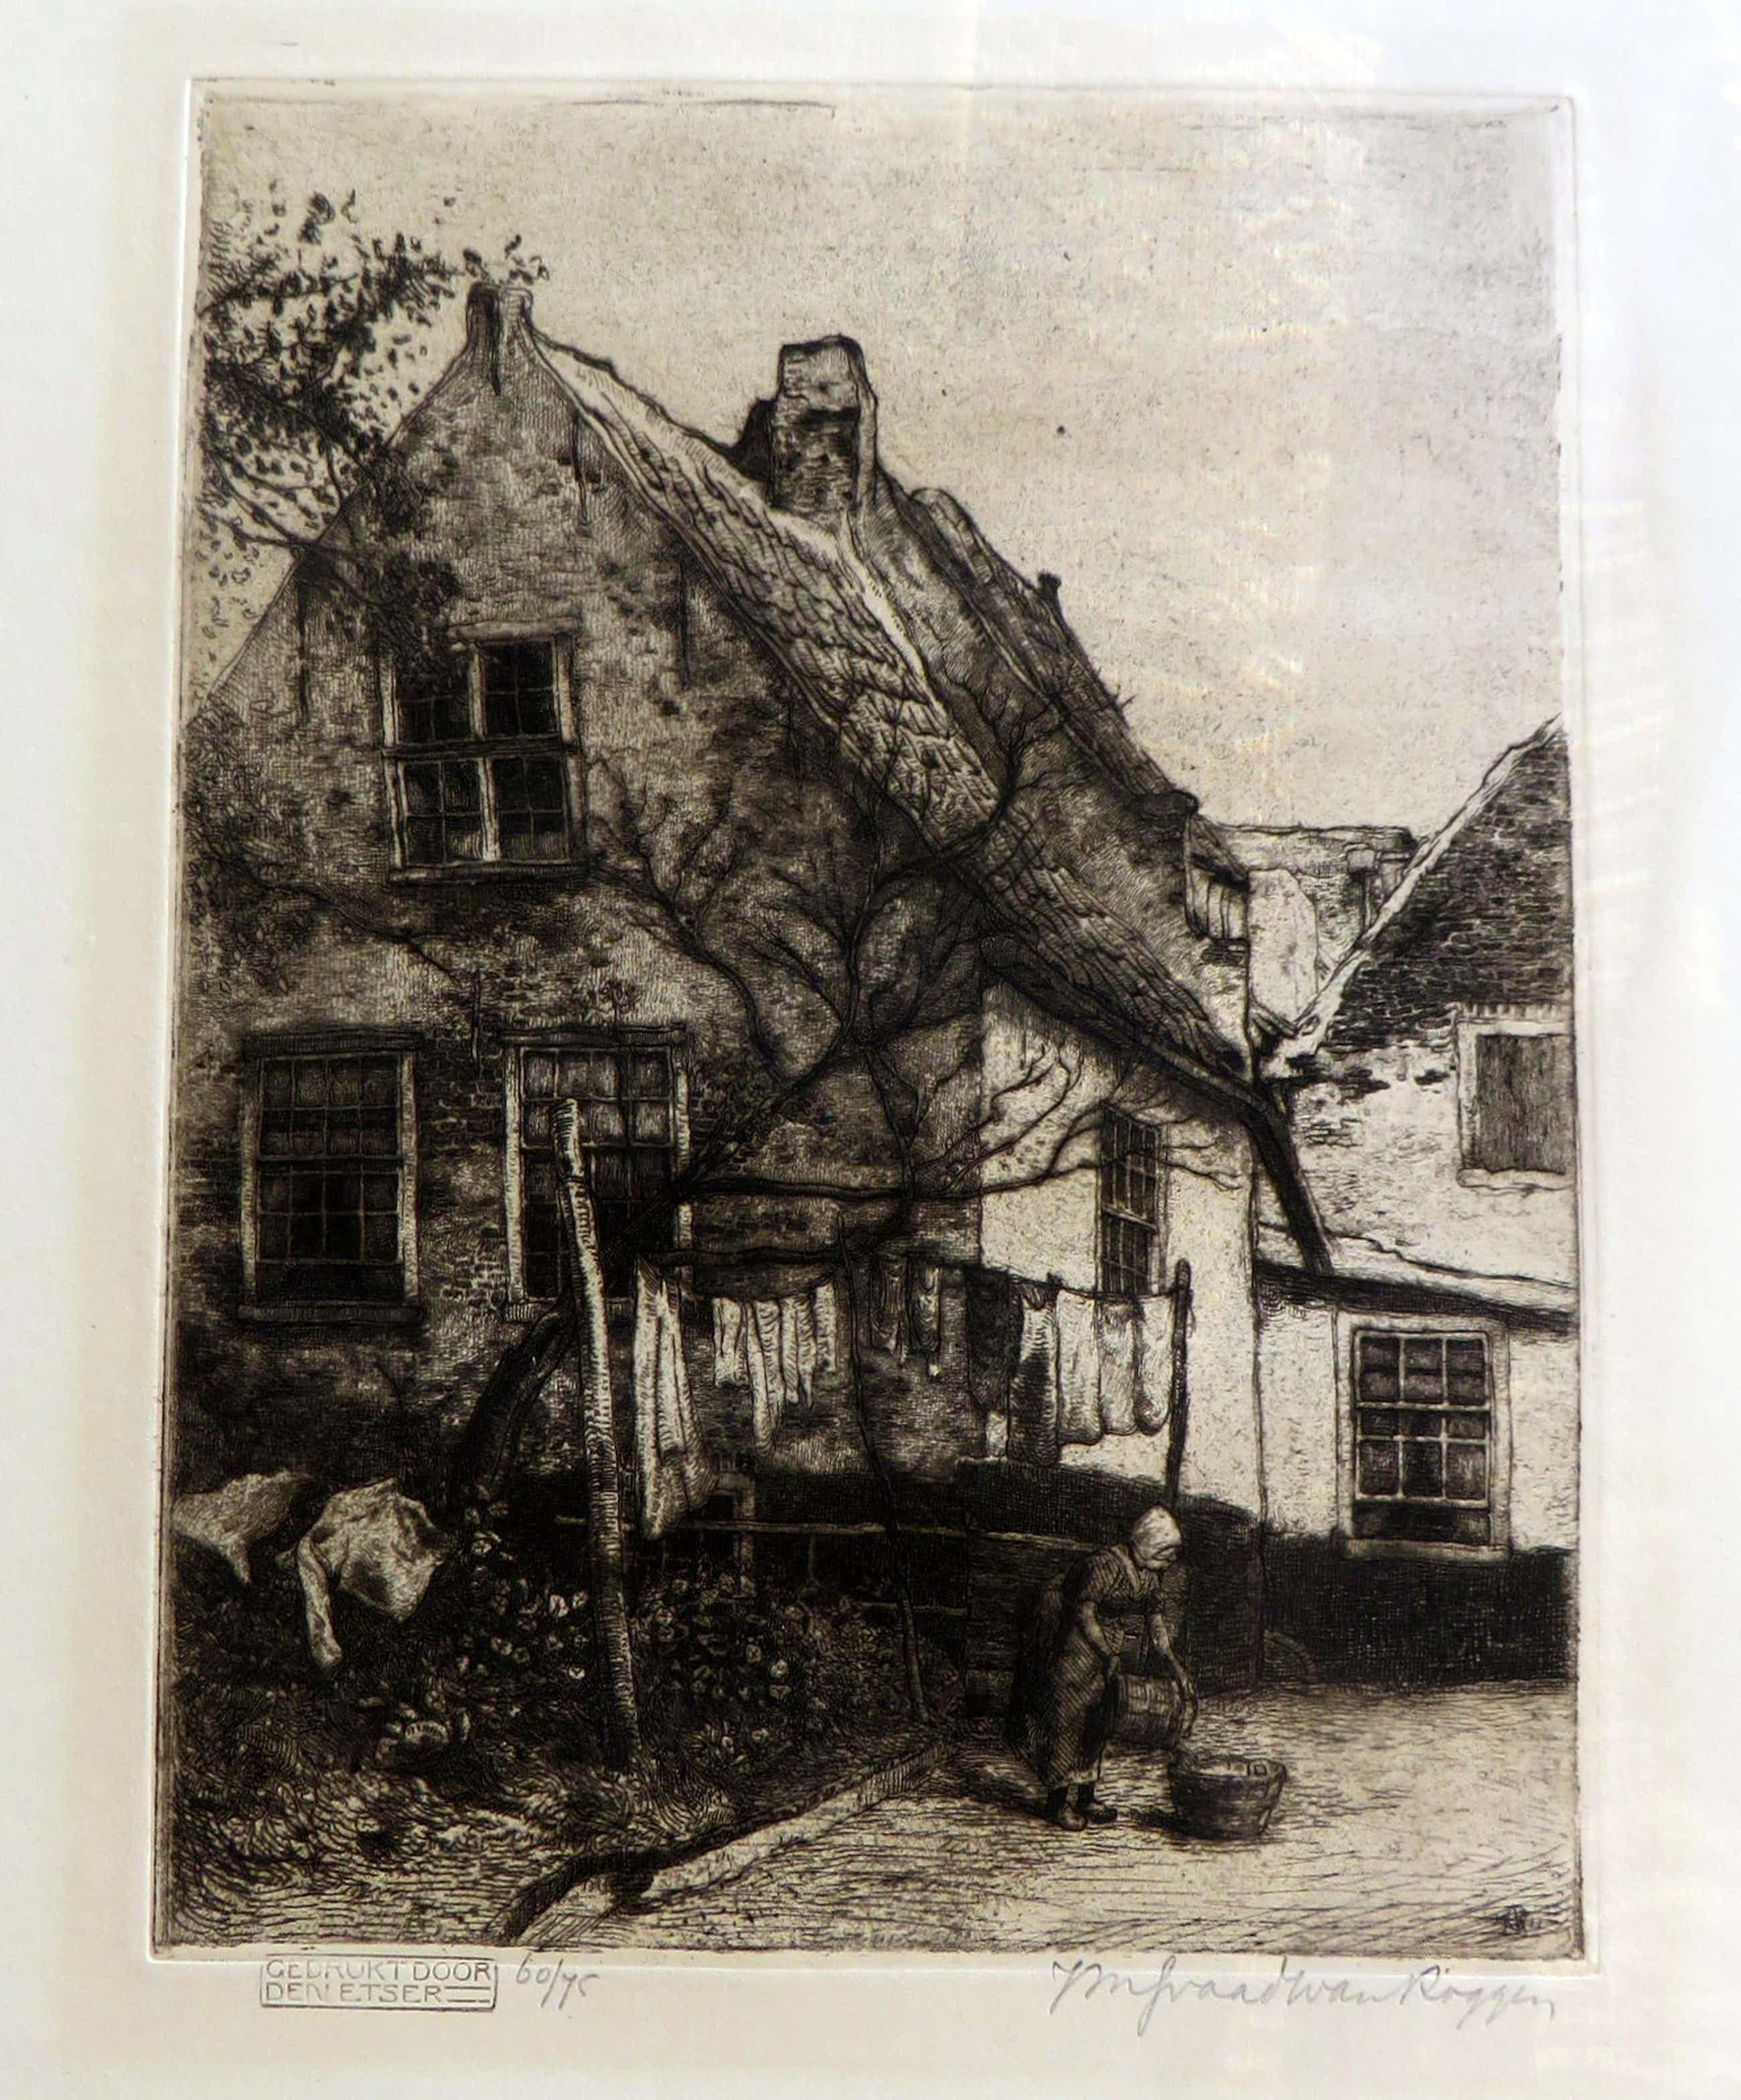 Johannes Graadt van Roggen - Gezicht op boerderij met boerin die de was ophangt. kopen? Bied vanaf 40!